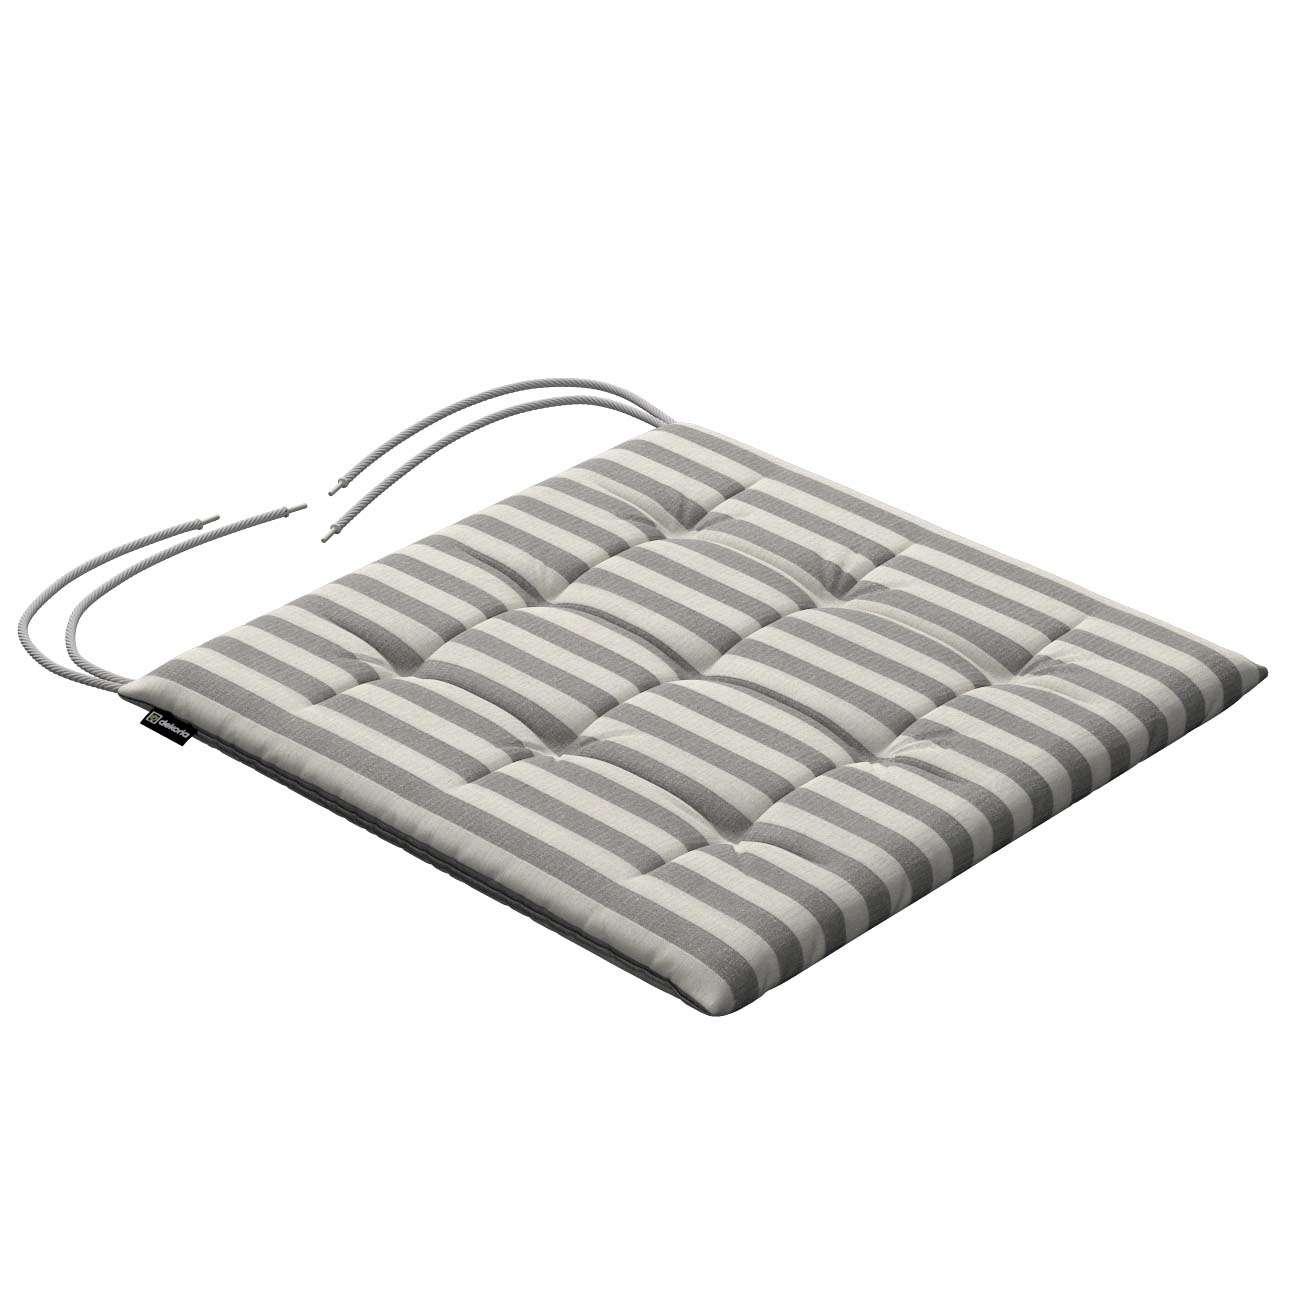 Siedzisko Karol na krzesło 40x40x3,5cm w kolekcji Quadro, tkanina: 136-12